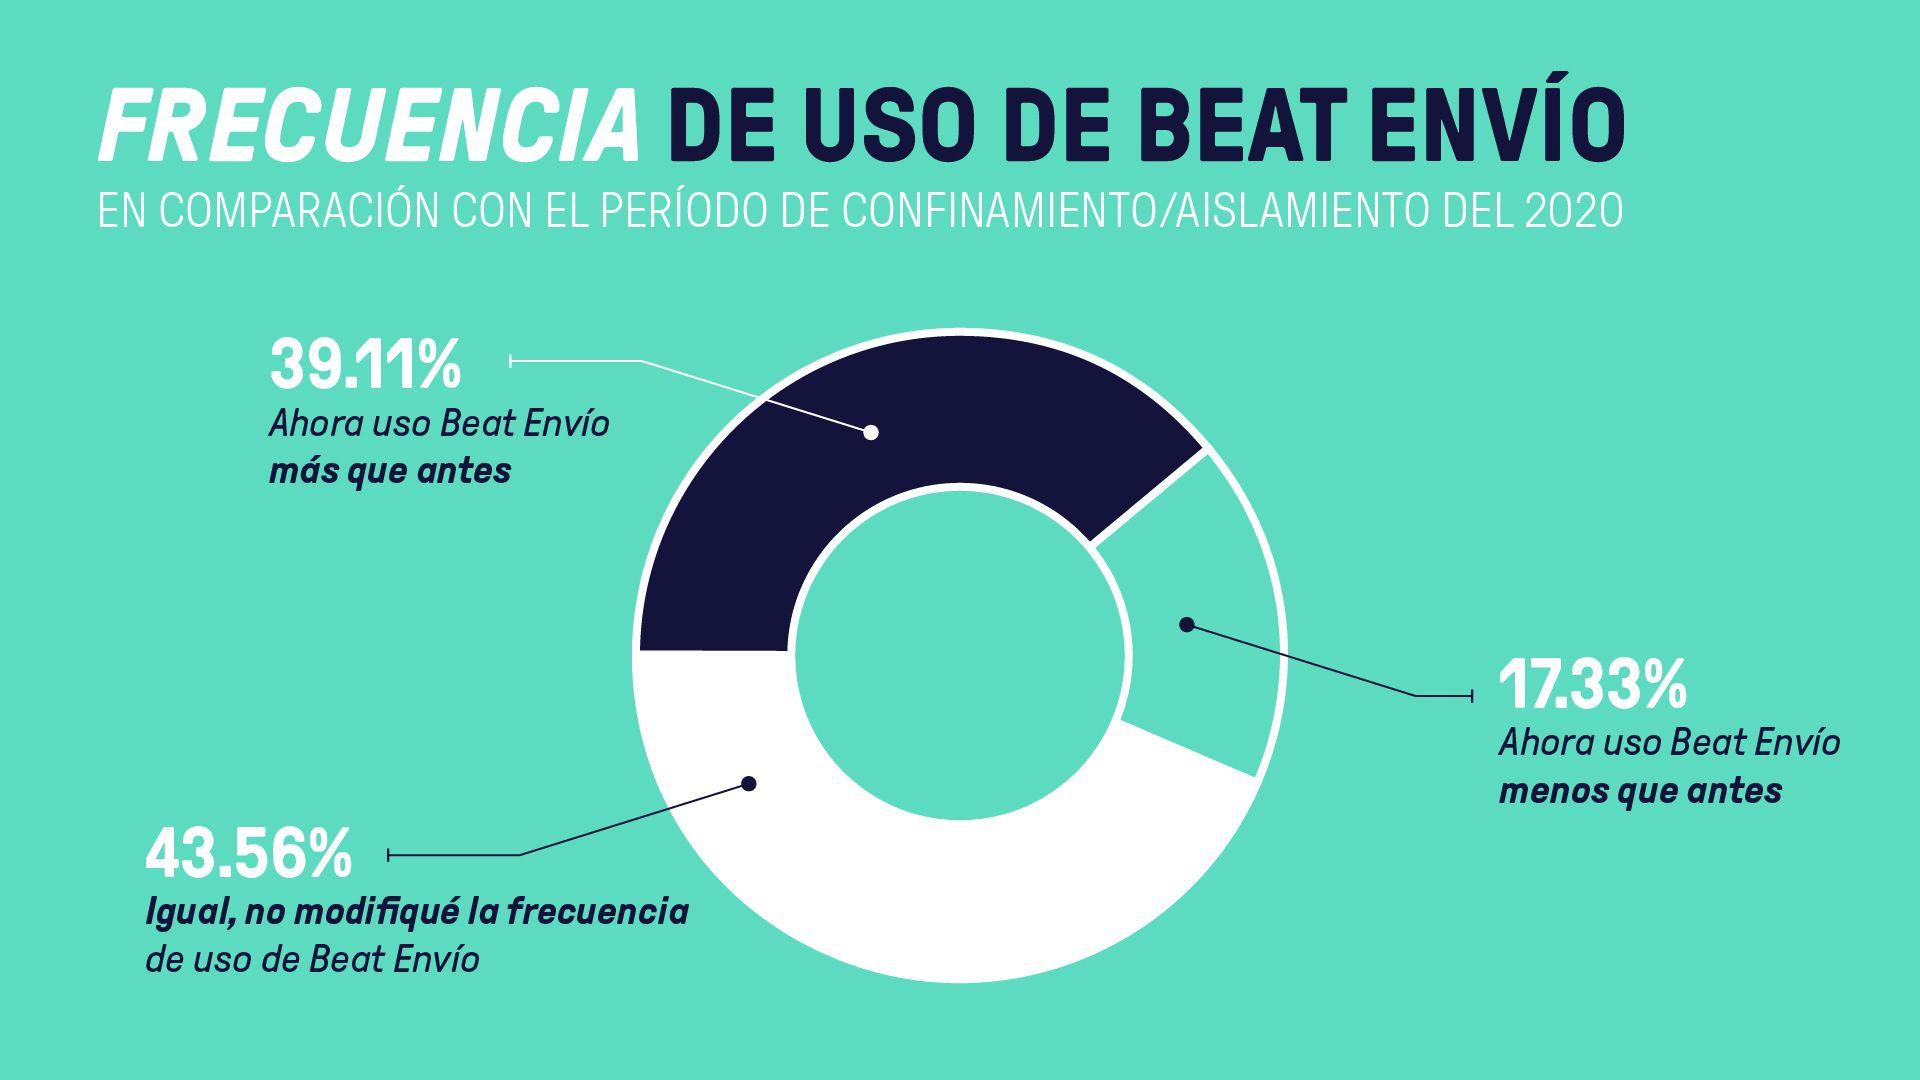 Frecuencia de uso de Beat Envío